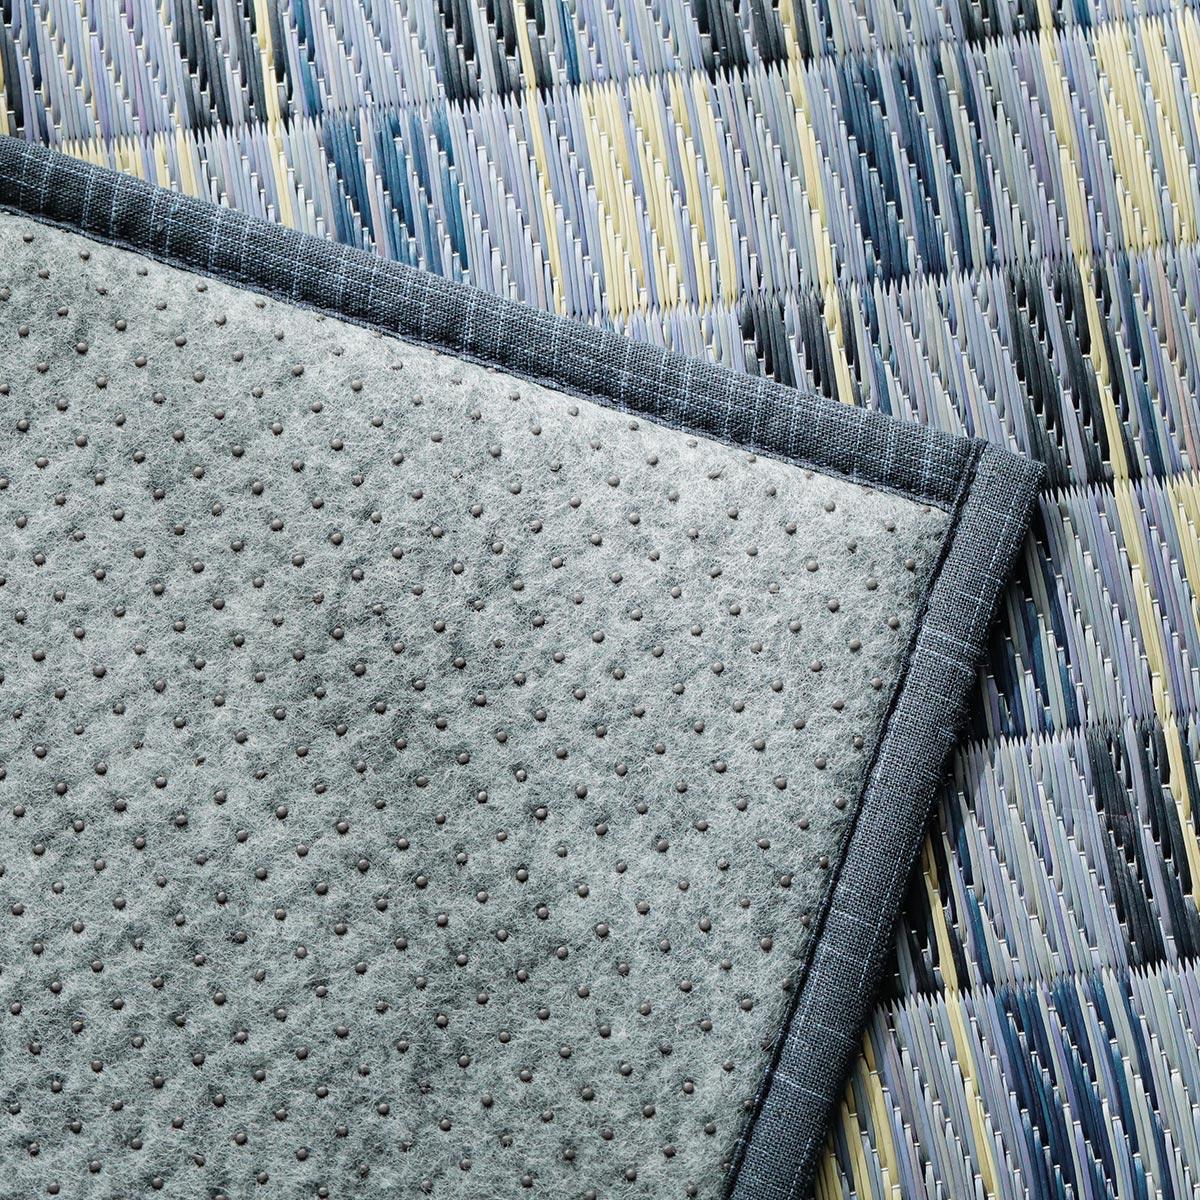 裏は不織布で滑りにくい仕様のラグ